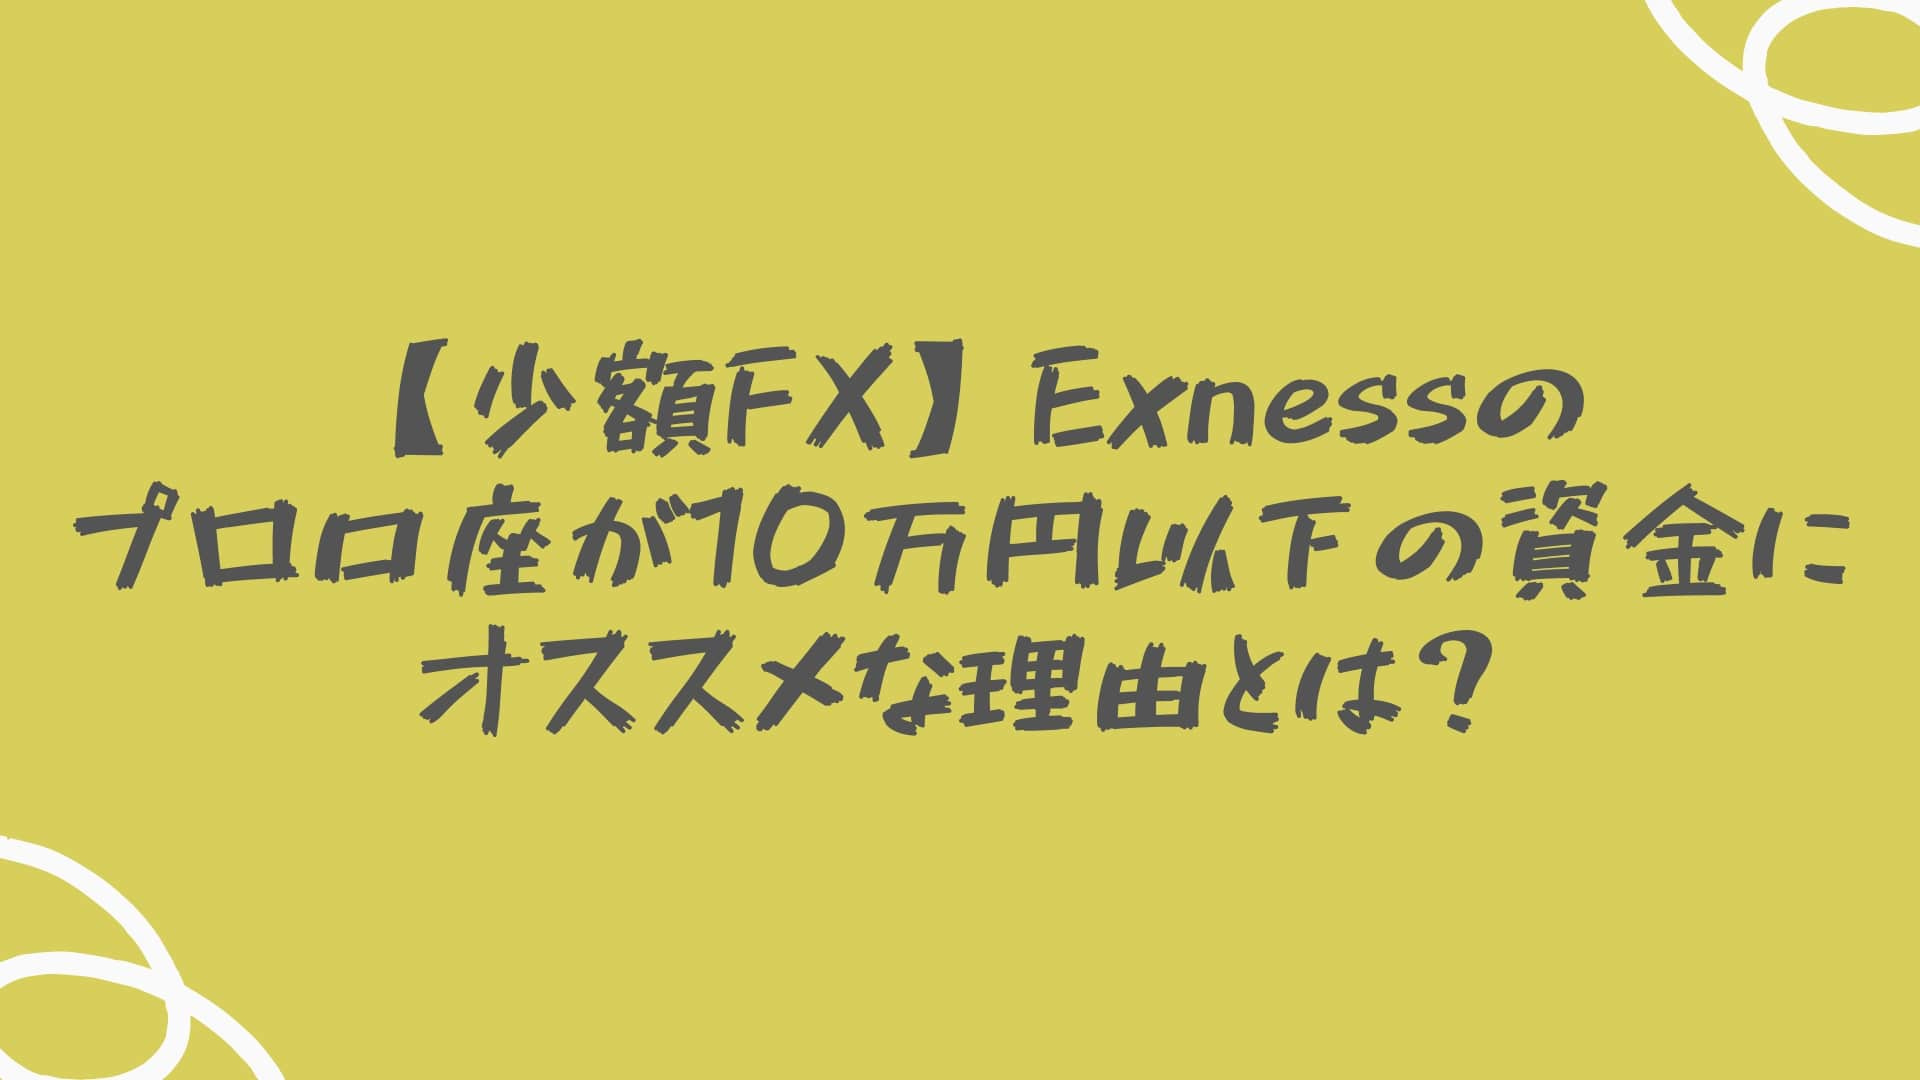 【少額FX】Exnessのプロ口座が10万円以下の資金にオススメな理由とは?